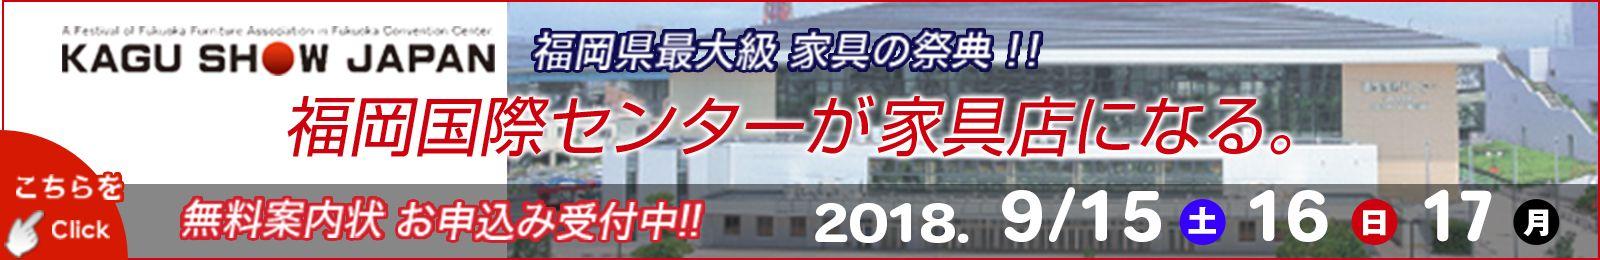 城山家具がお届けする家具ショージャパン情報サイトへ